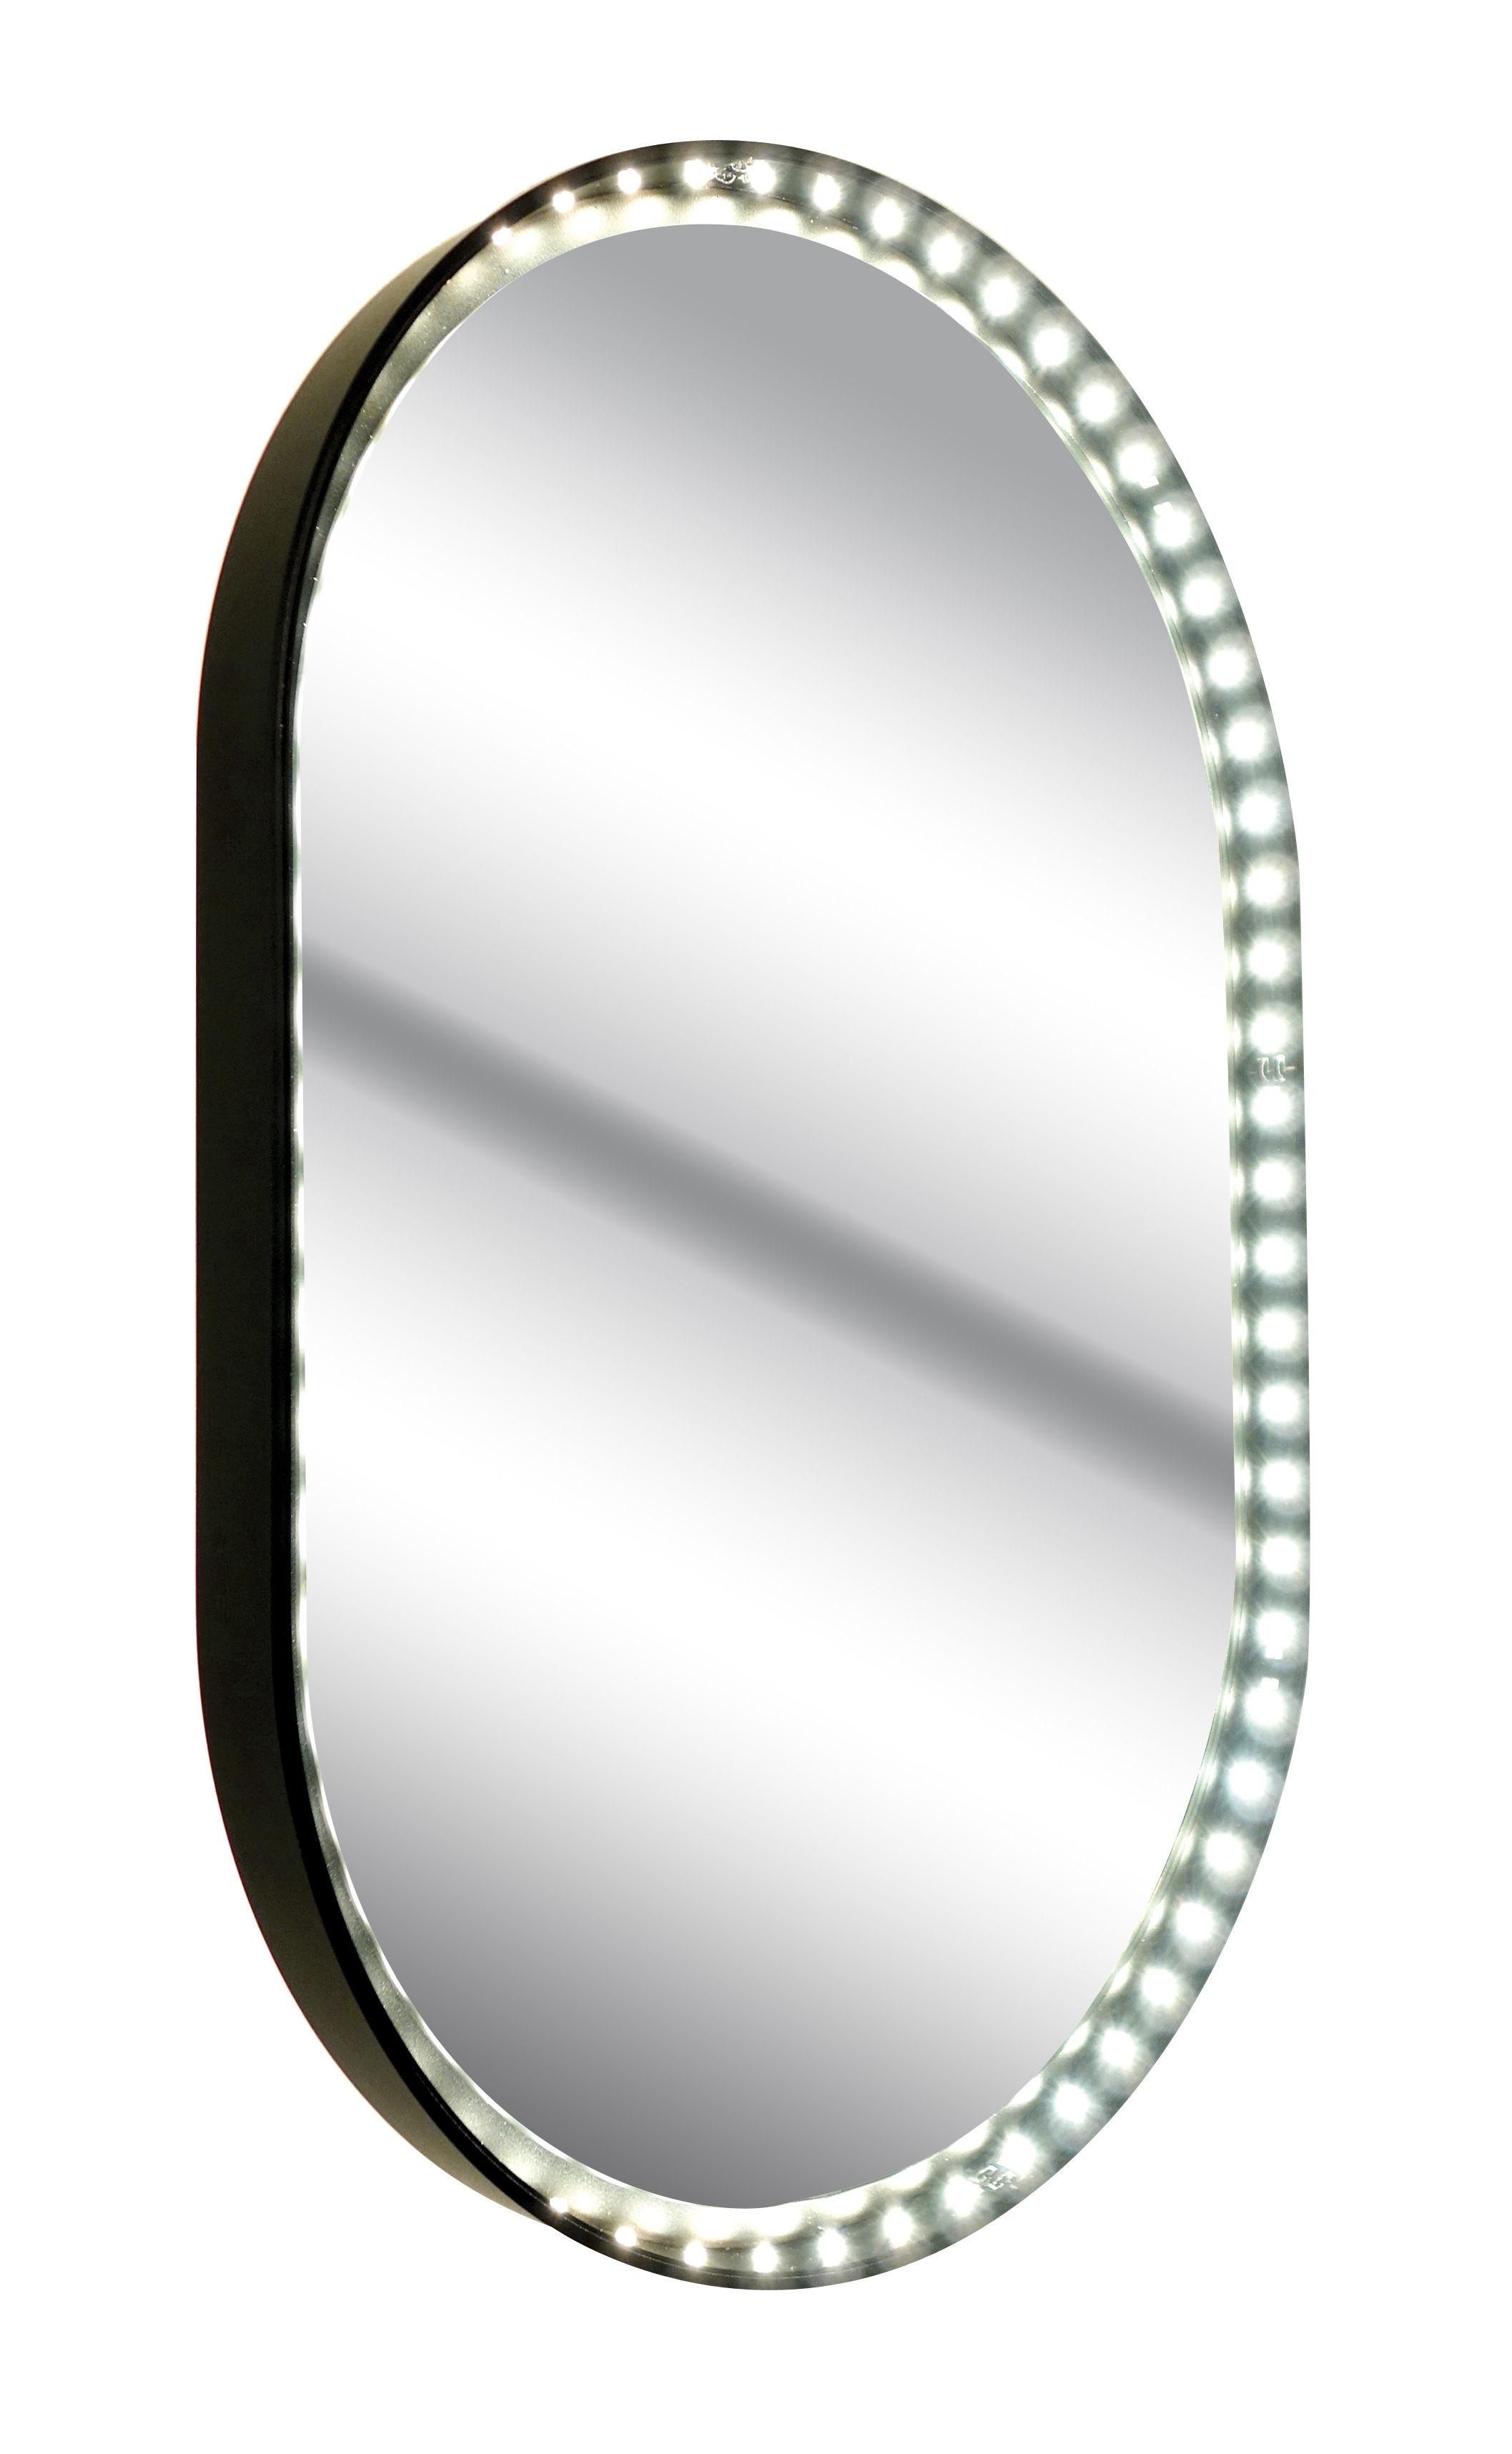 Luminaire - Appliques - Applique Vanity Oval S / Miroir - LED - H 48 cm - Le Deun - Noir - Acier, Miroir